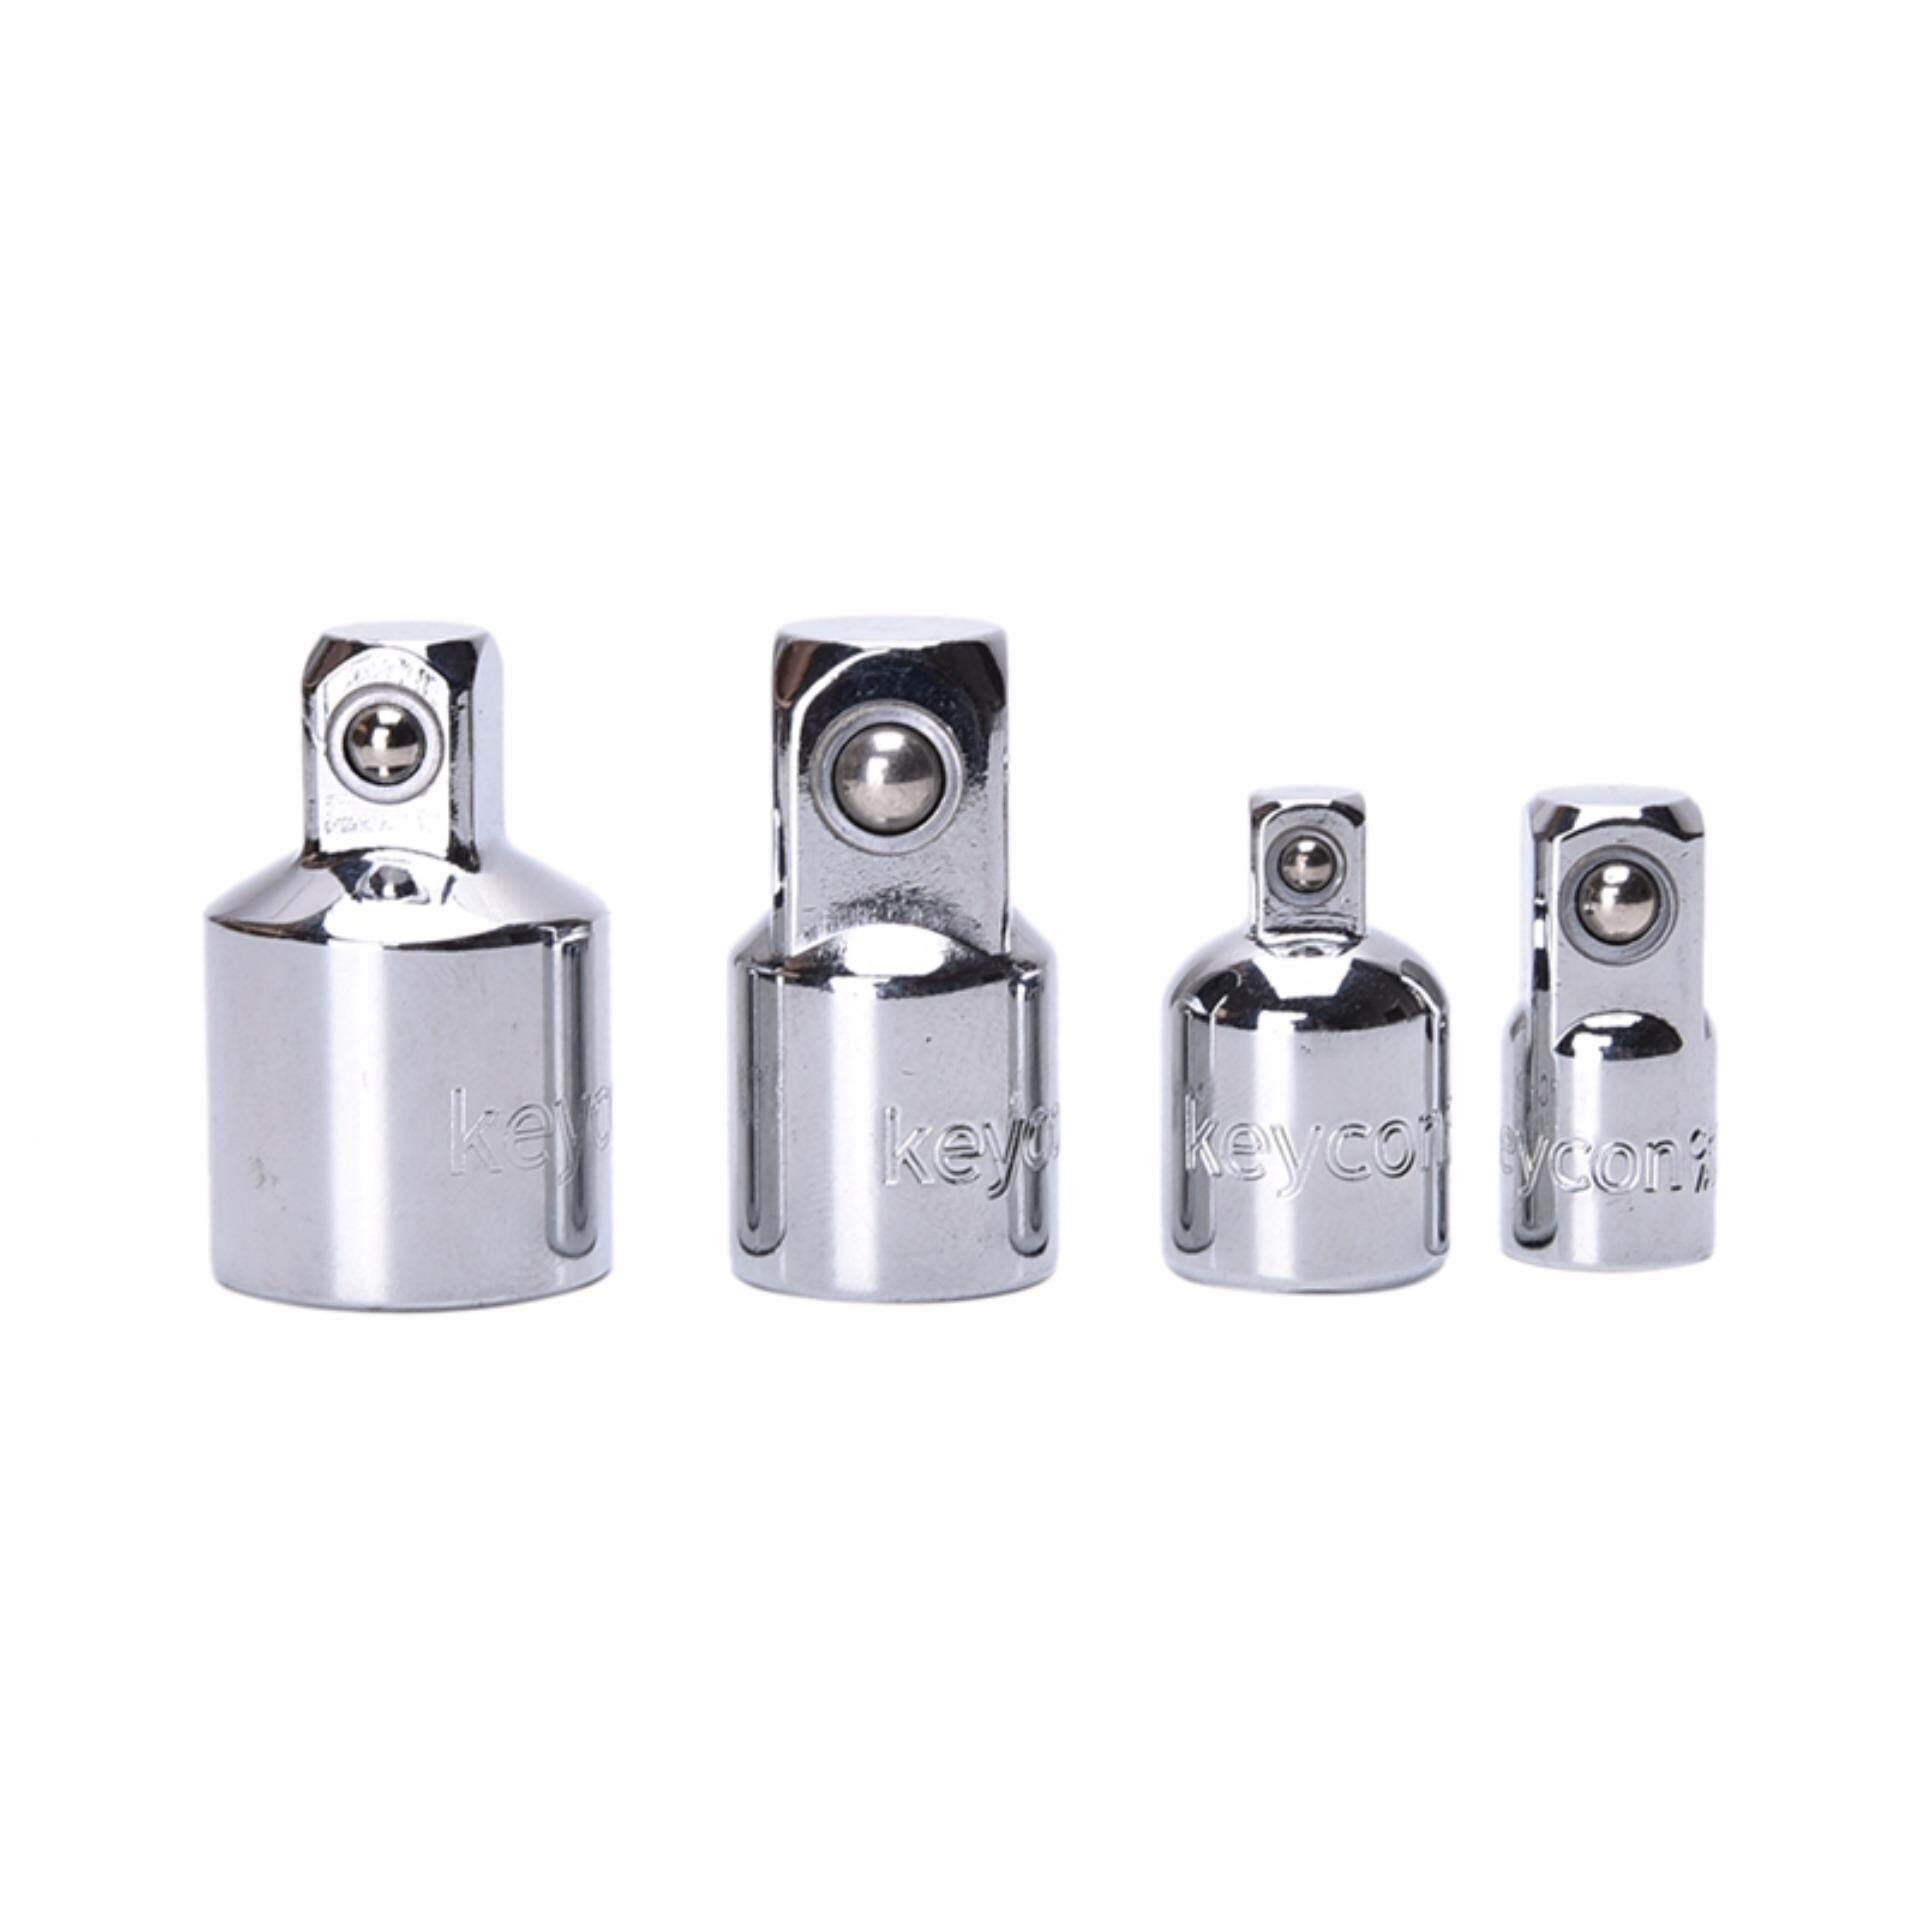 4 PCS 1/4 3/8 1/2 Socket Adaptor Reducer Converter Set Kit Tool Ratchet Socket Adaptor - intl